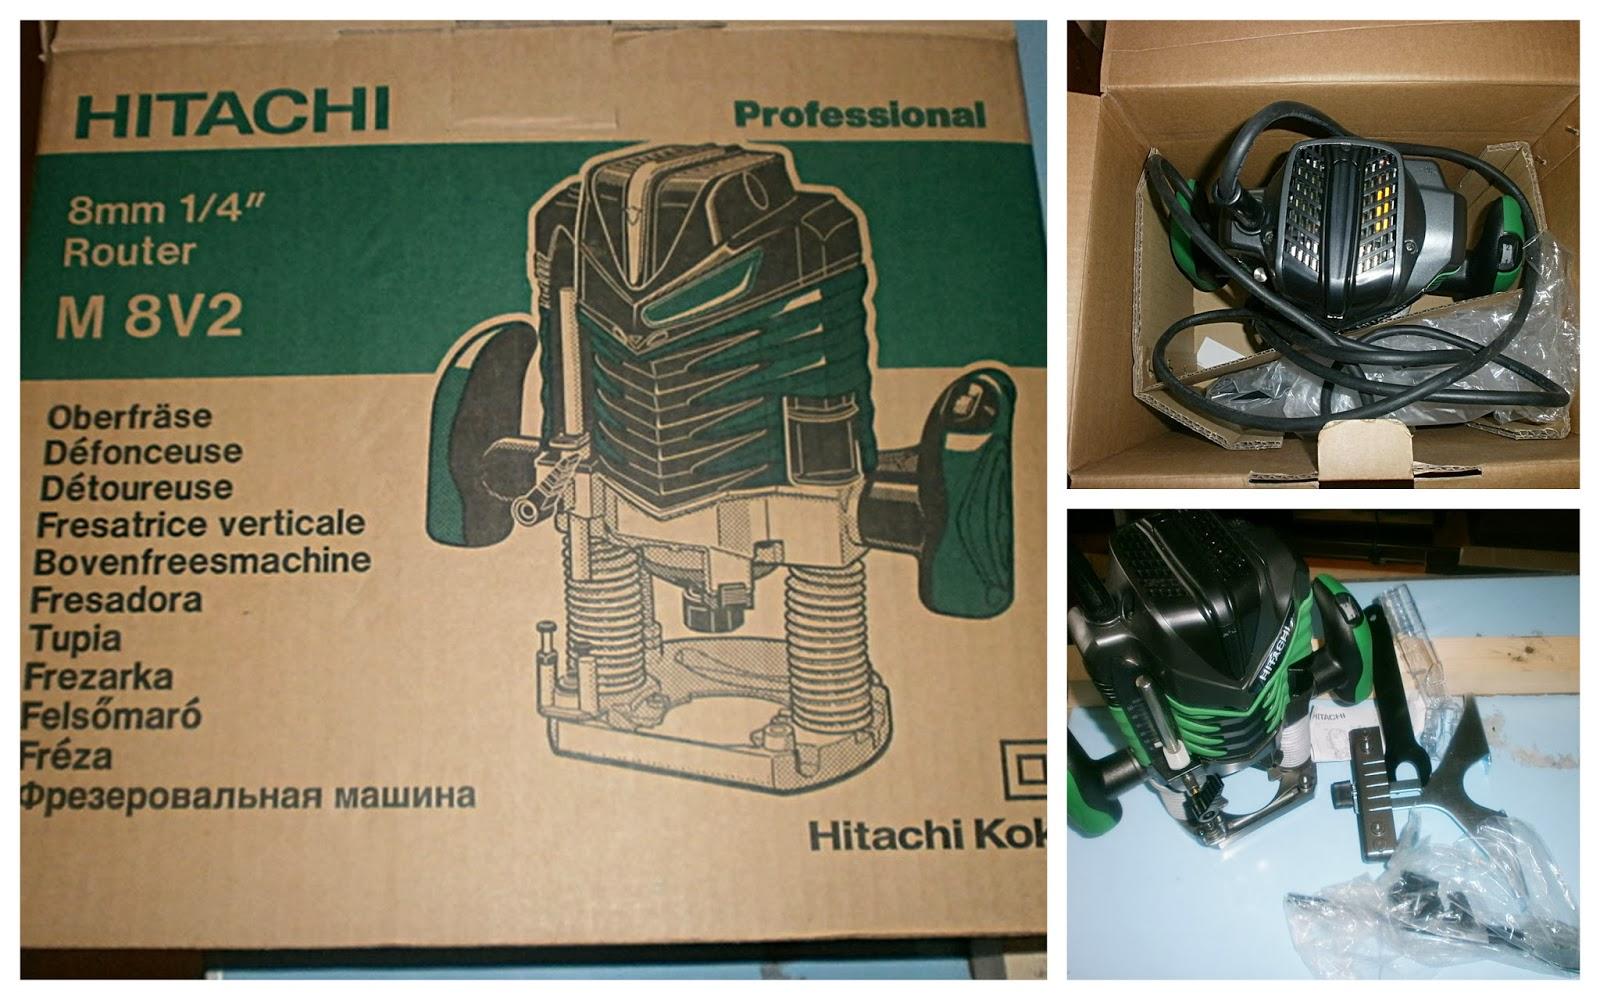 Упаковка фрезера Hitachi M 8V2